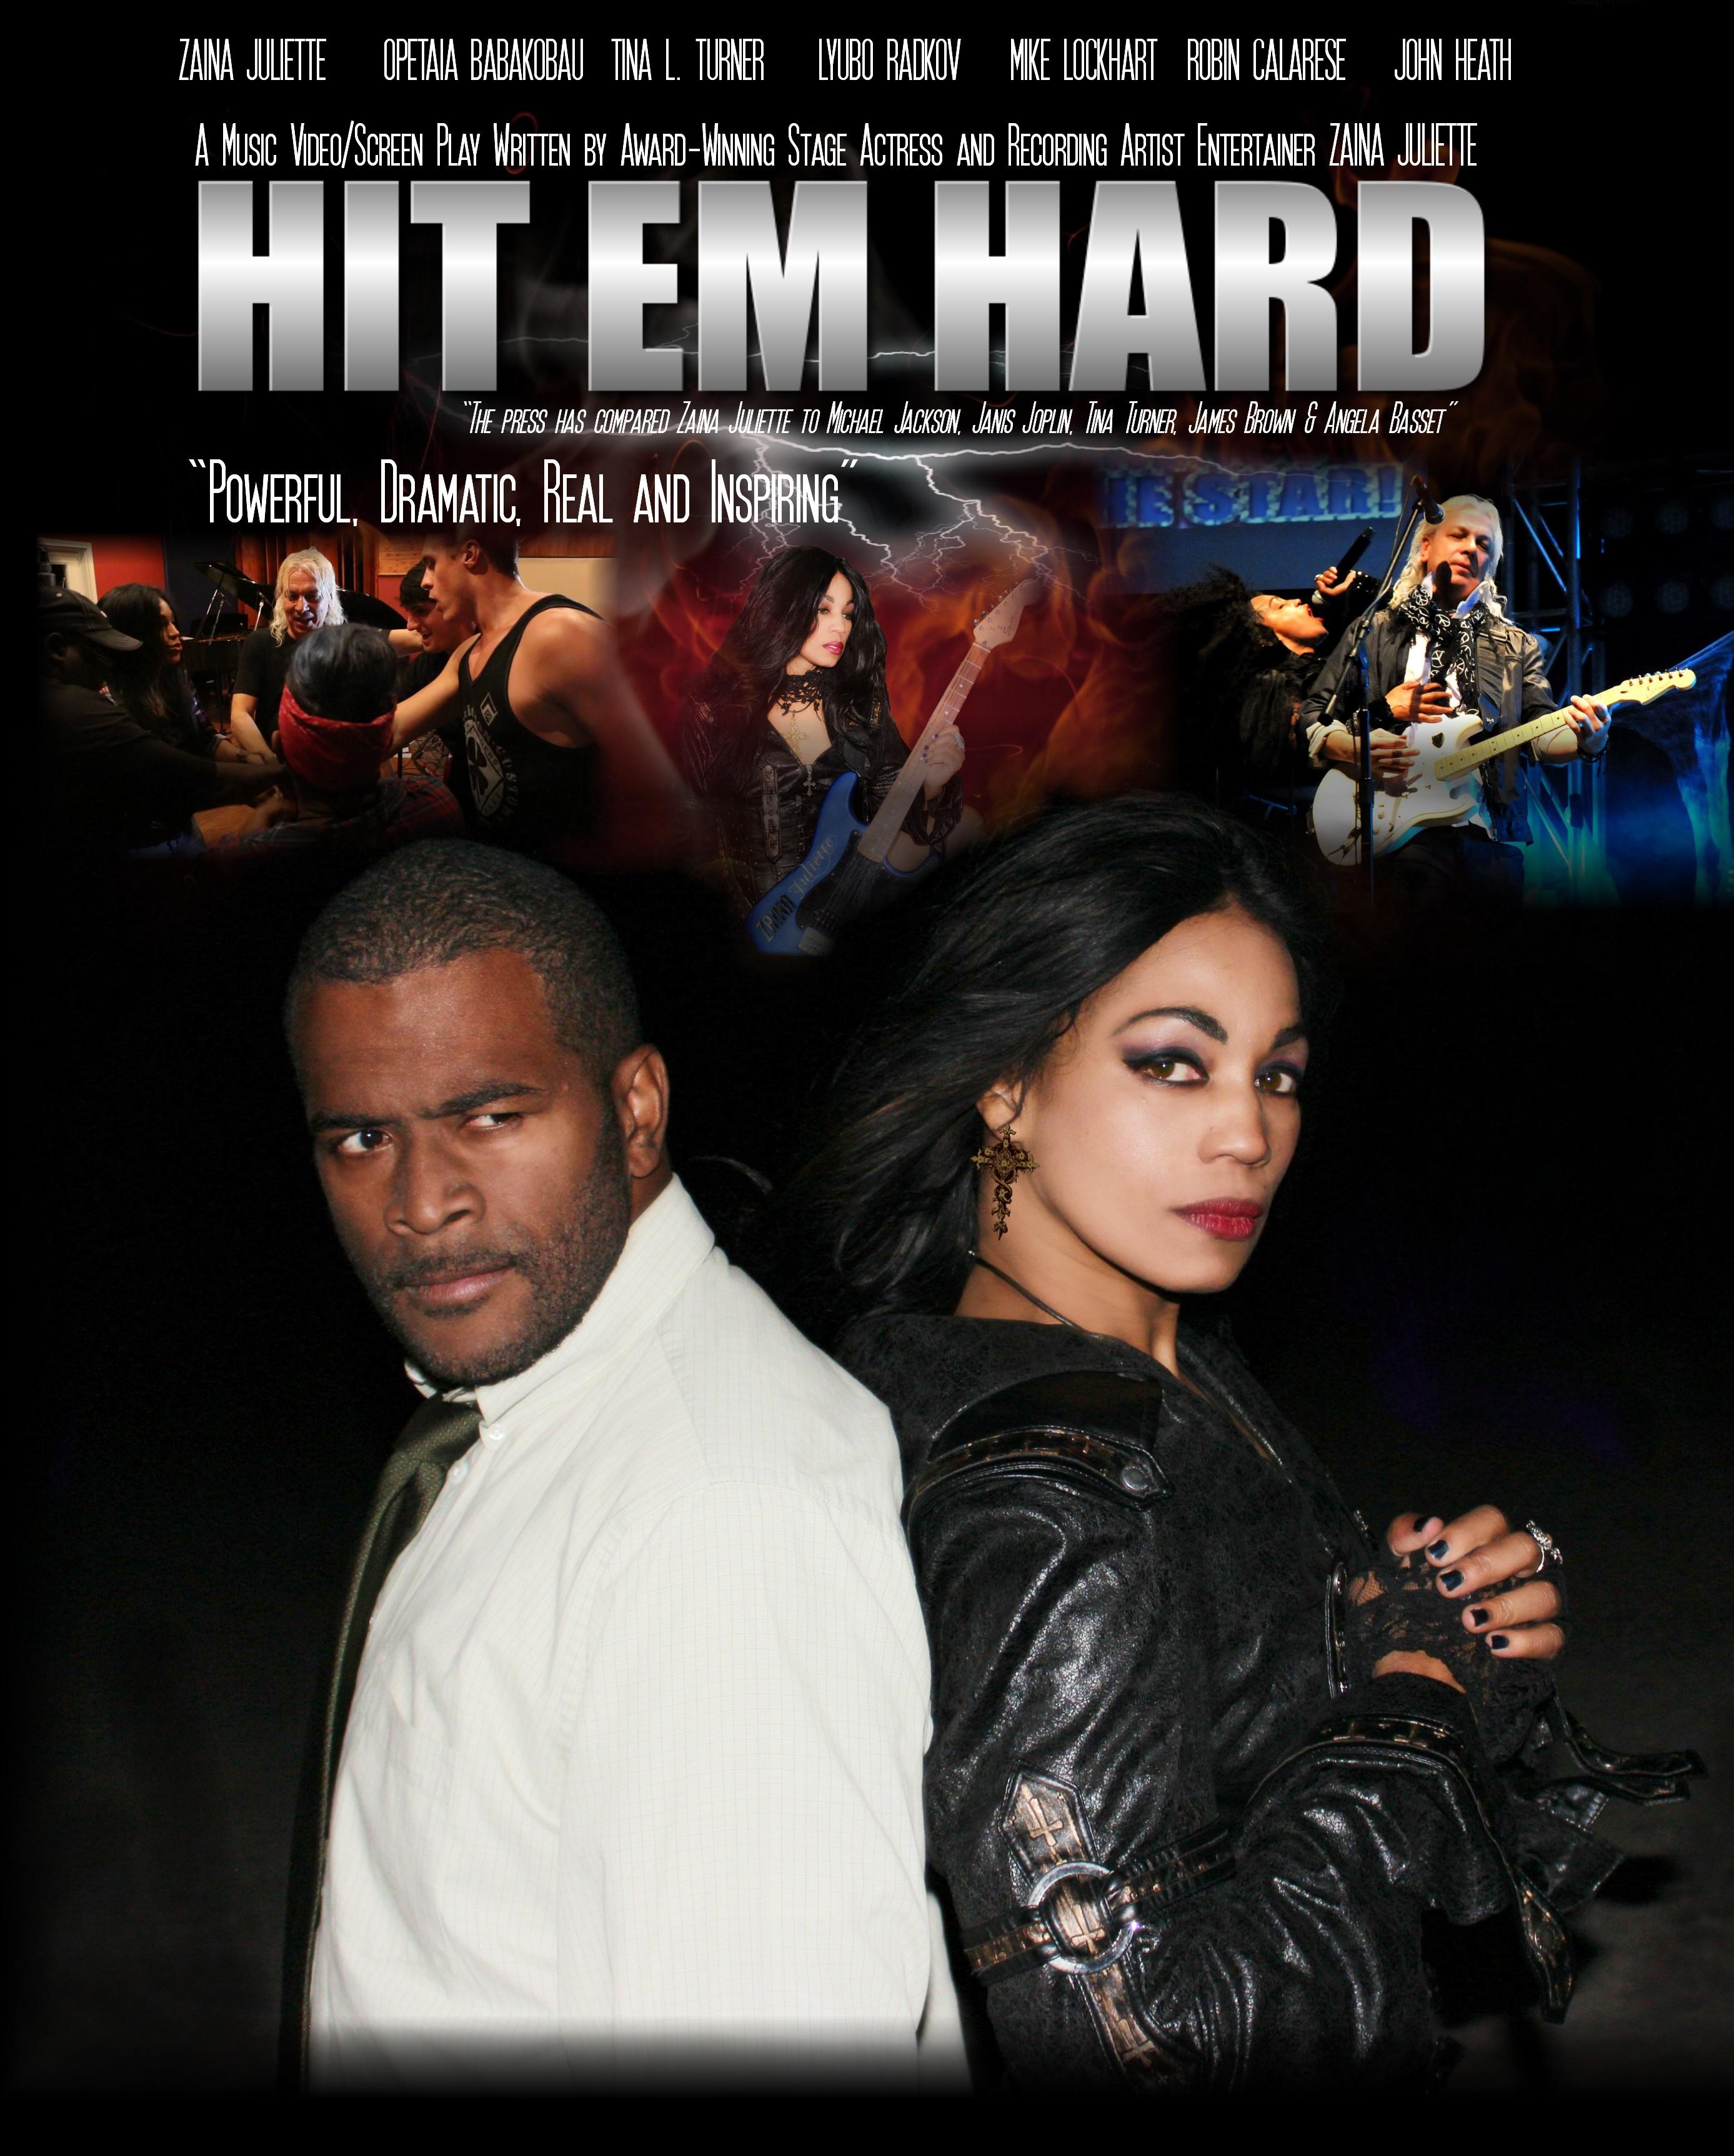 DVD+Cover.jpg